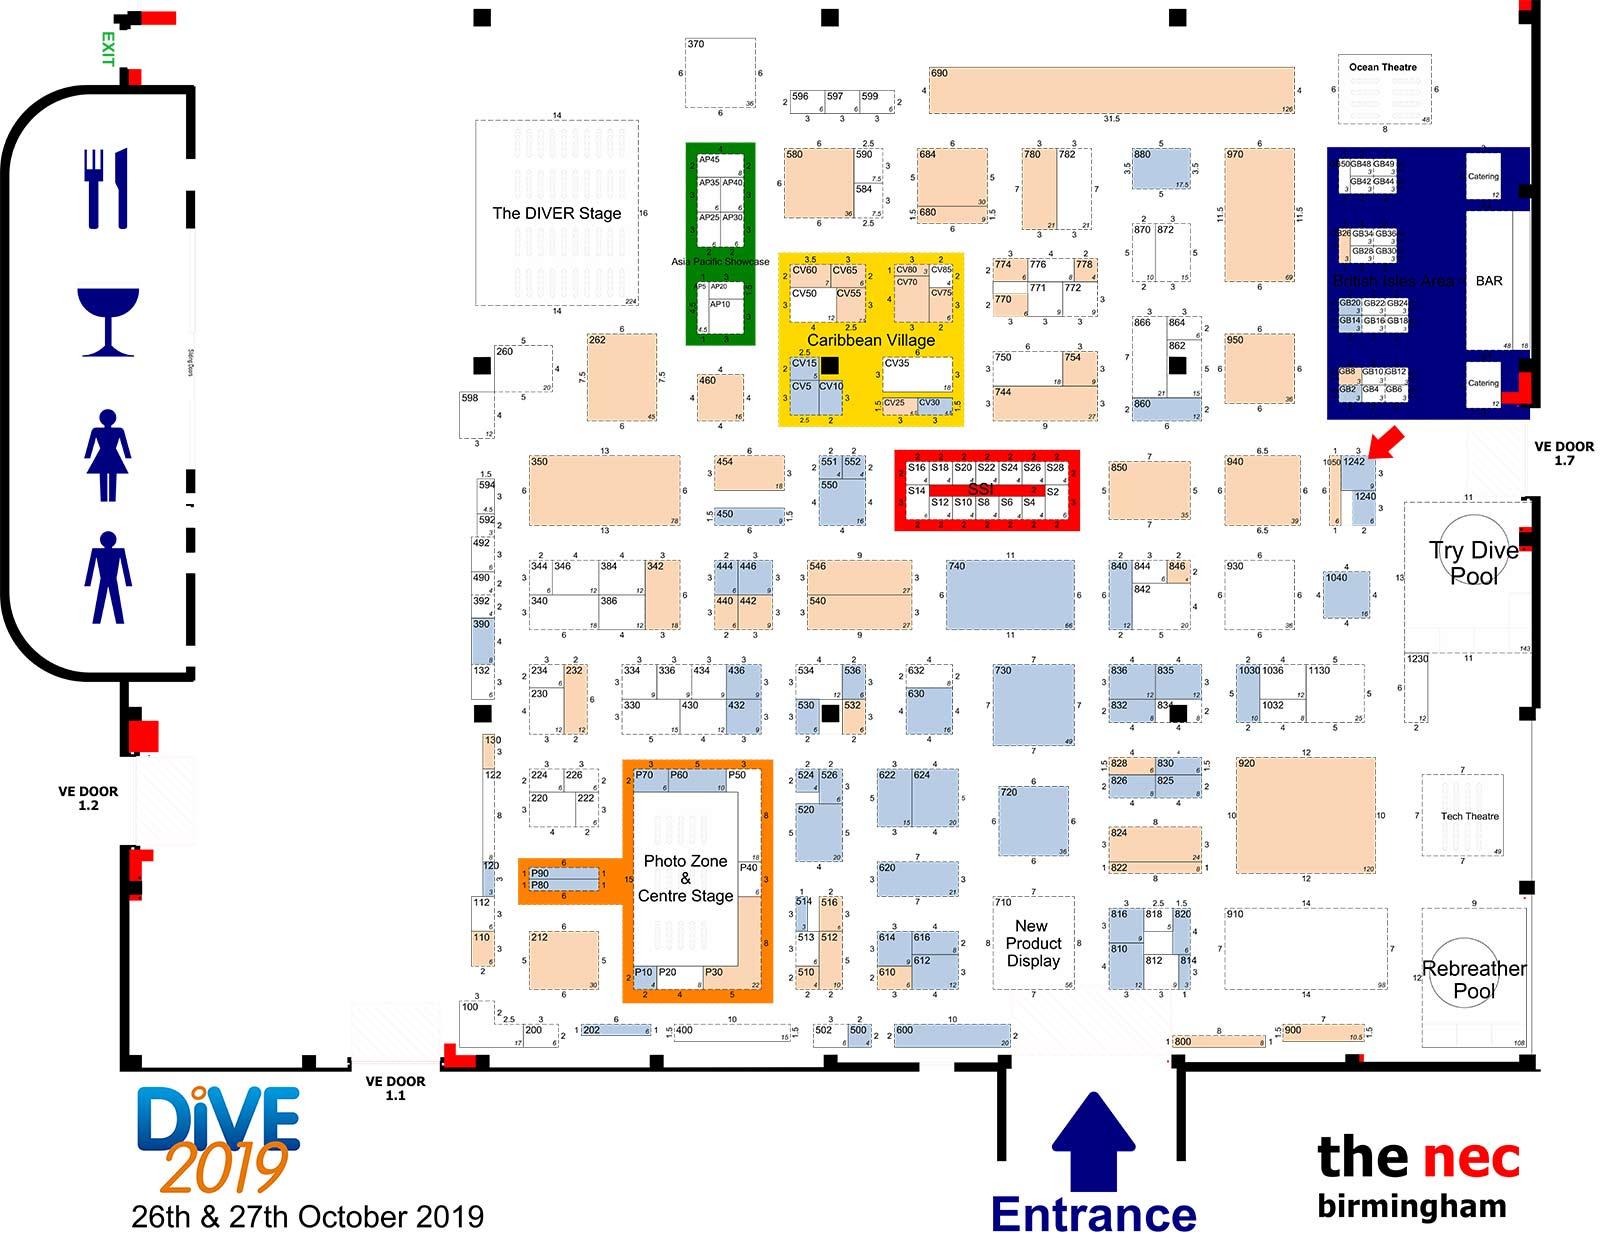 Dive 2019 Floor plan